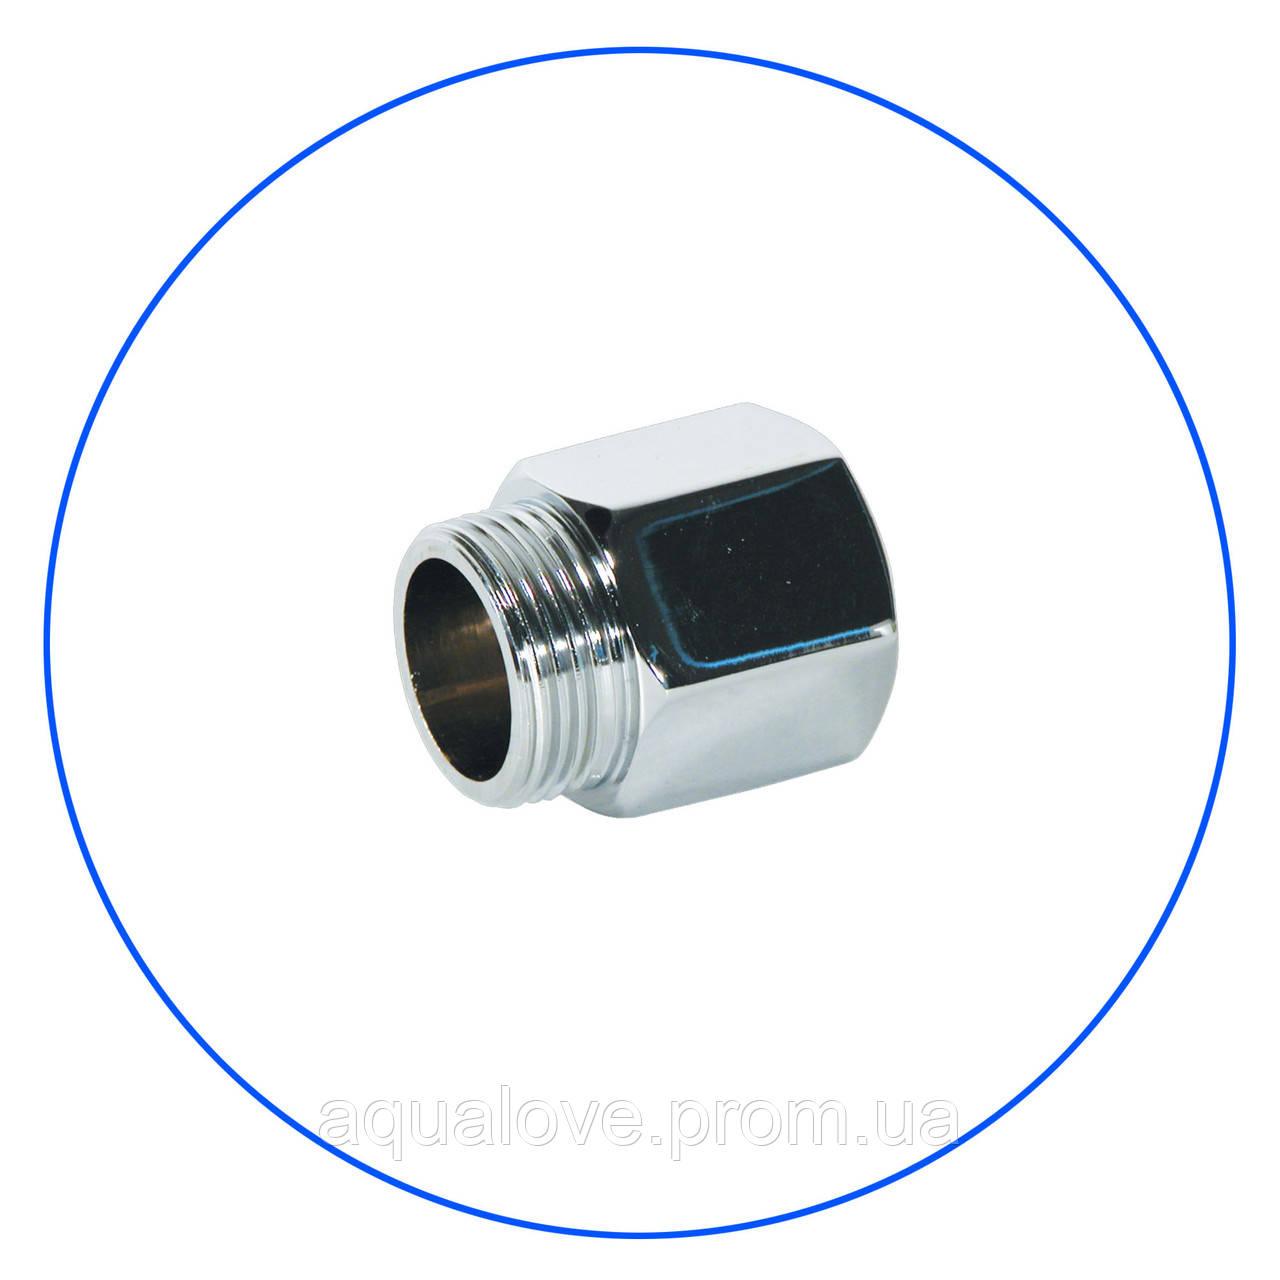 """Хромированное латунное соединение 3/4"""" РН x 3/4"""" РВ, с уплотнит. кольцом. FT02"""